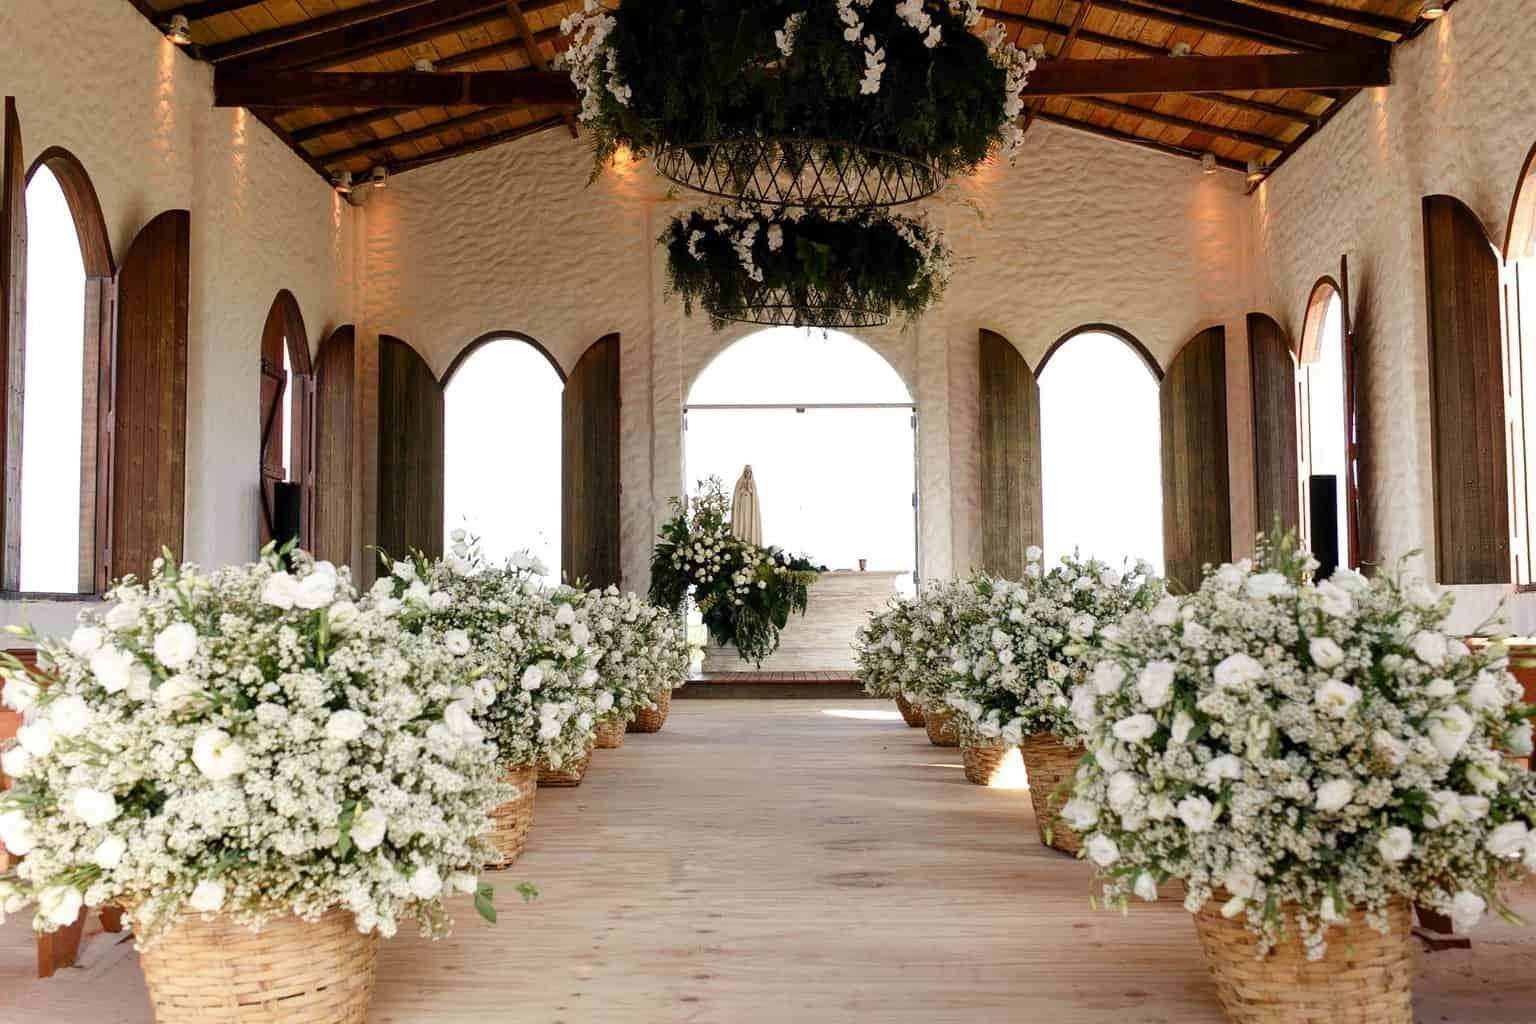 AL-Aline-e-Mauricio-bolo-de-casamento-capela-dos-milagres-casamento-casamento-na-praia-decoracao-de-casamento33-1